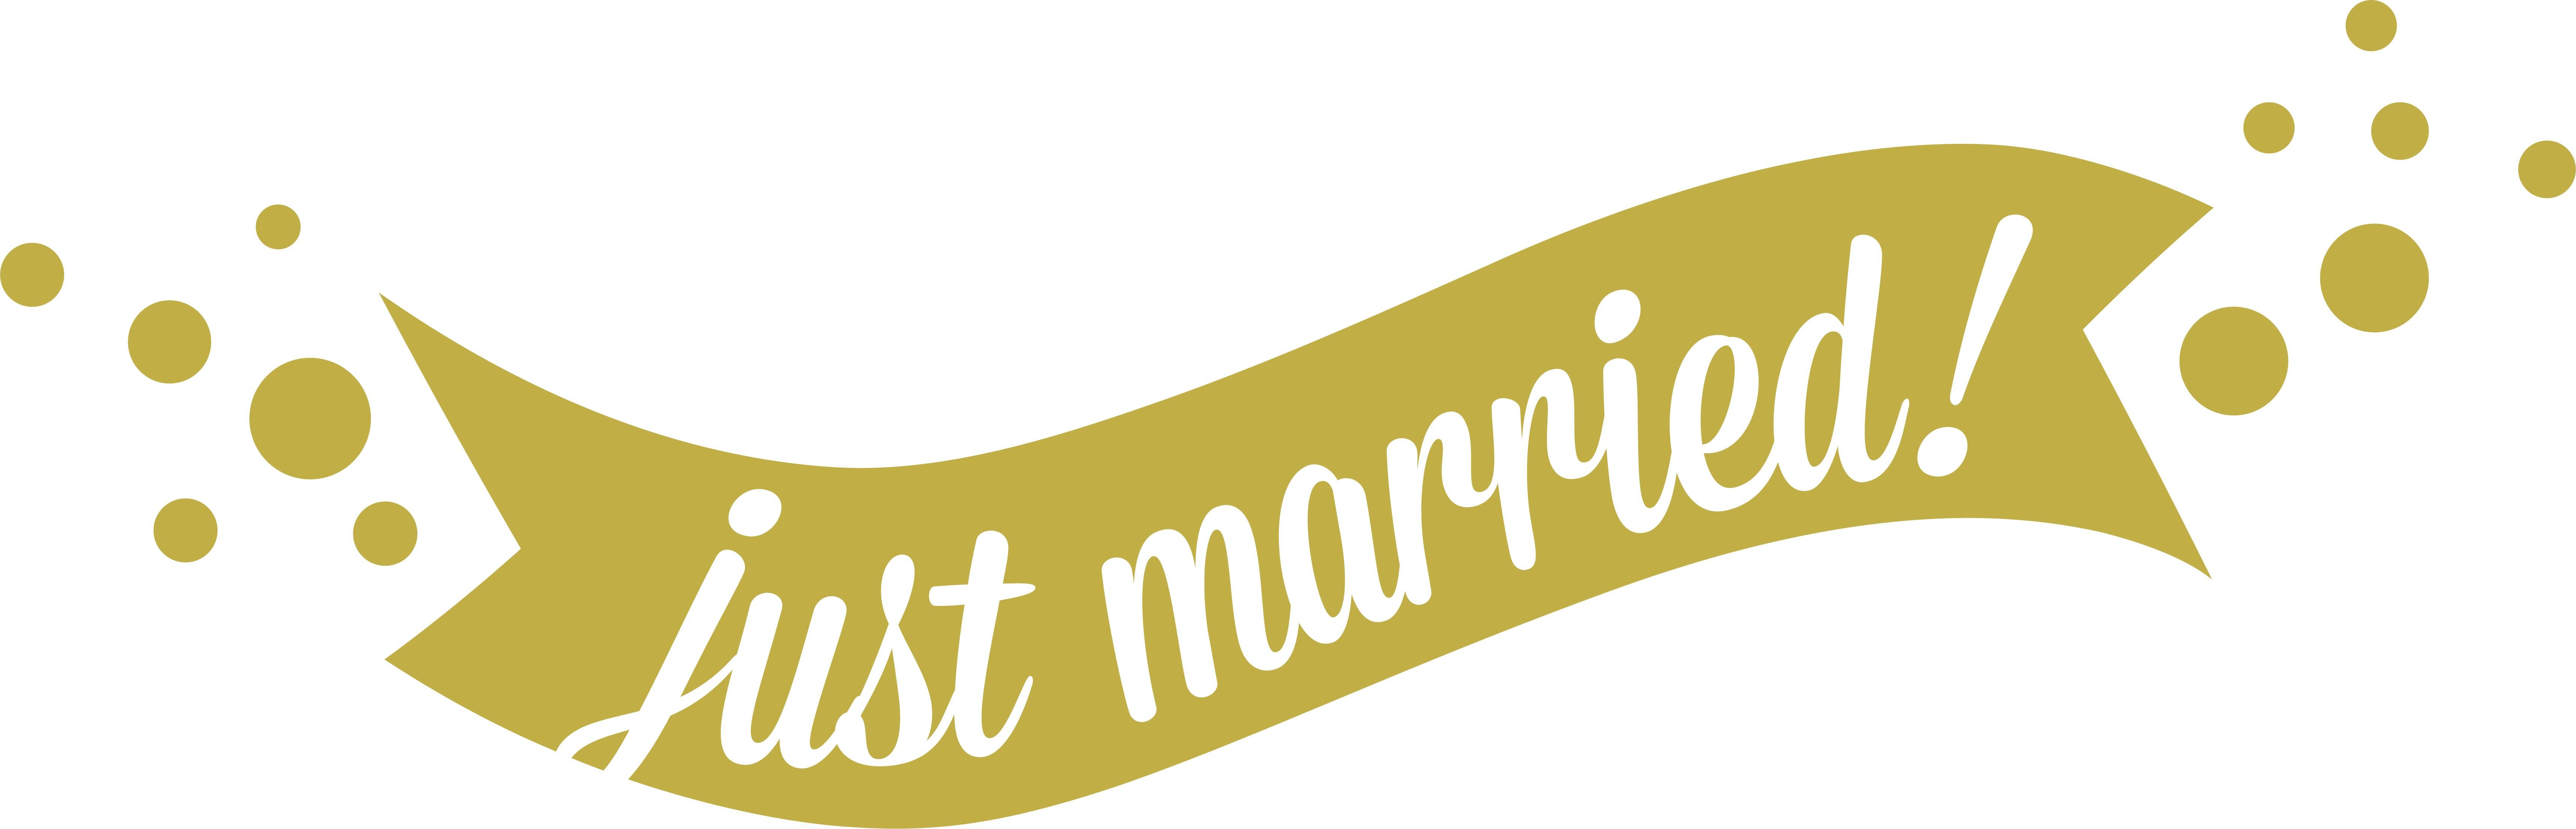 صور لذكرى الزواج  (2)